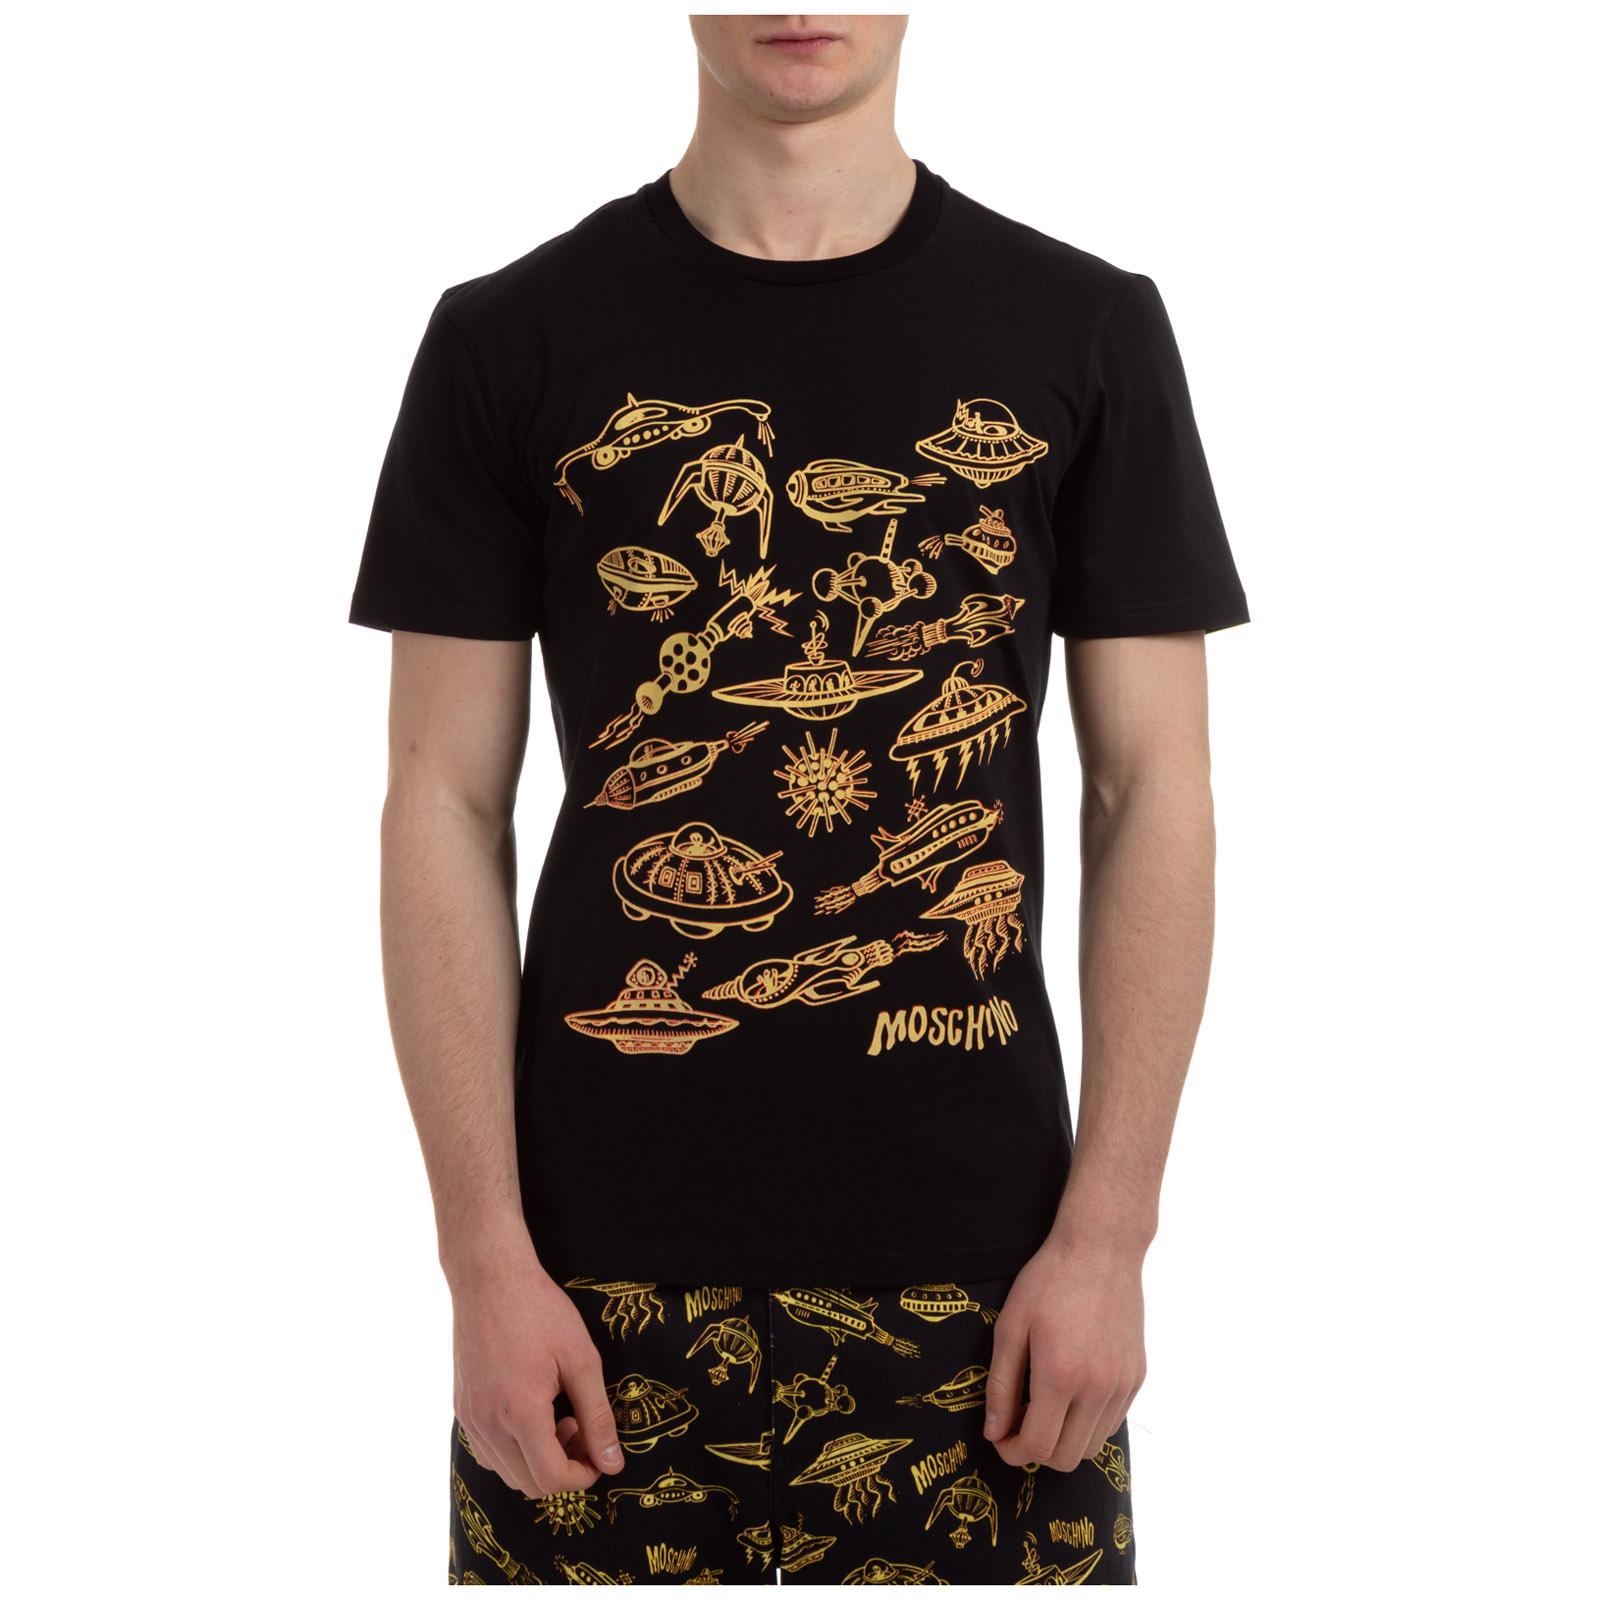 T-shirt maglia maniche corte girocollo uomo spaceship